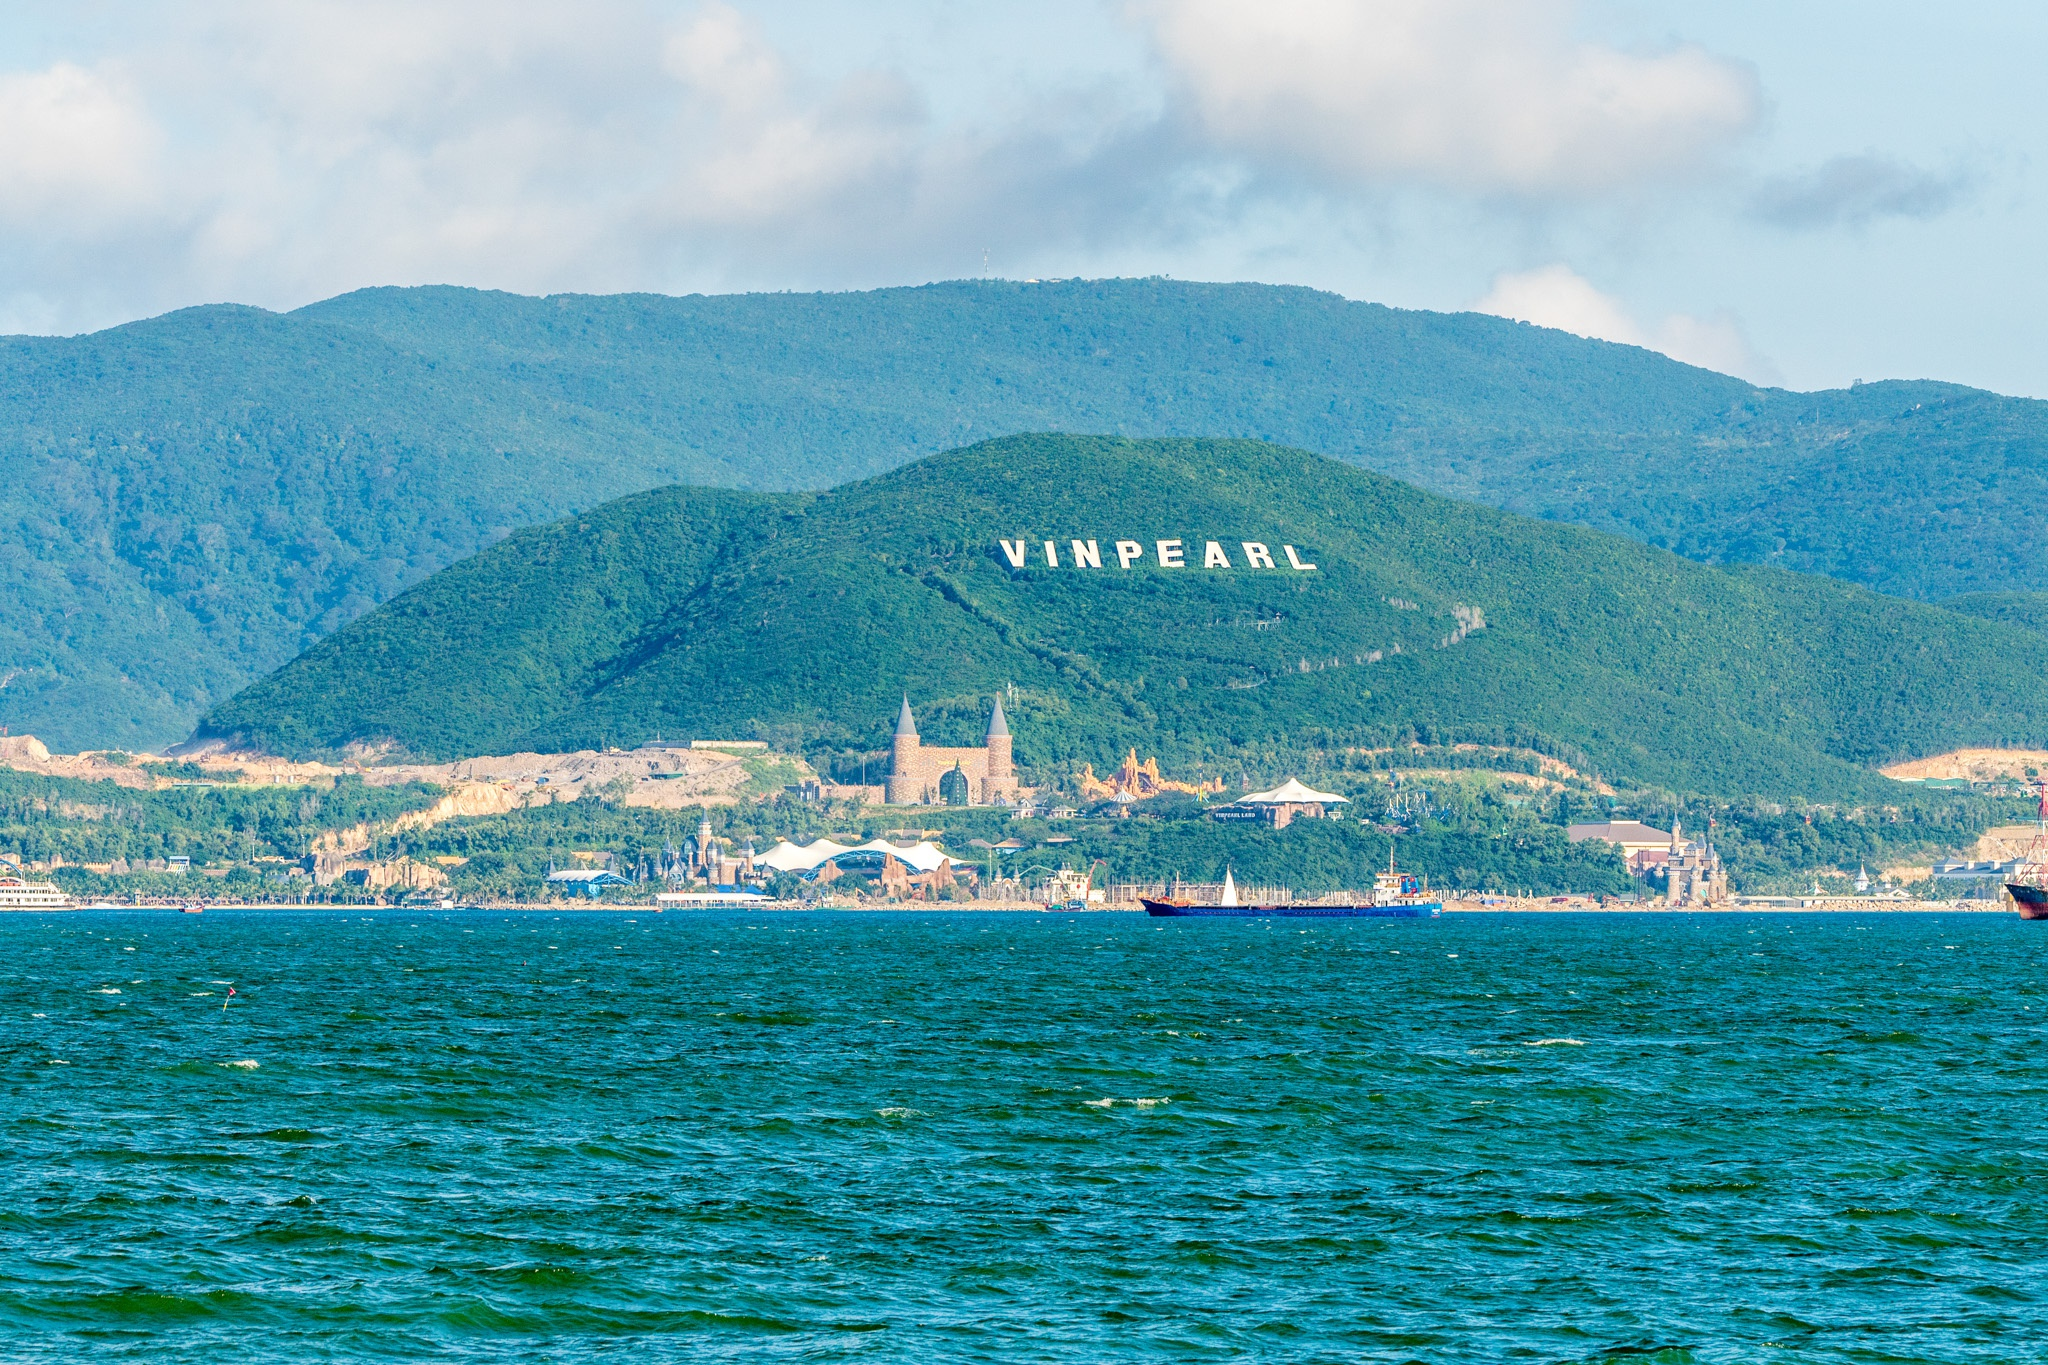 Chuyến đi mùa hè đến thiên đường biển đảo Nha Trang - Ảnh 18.